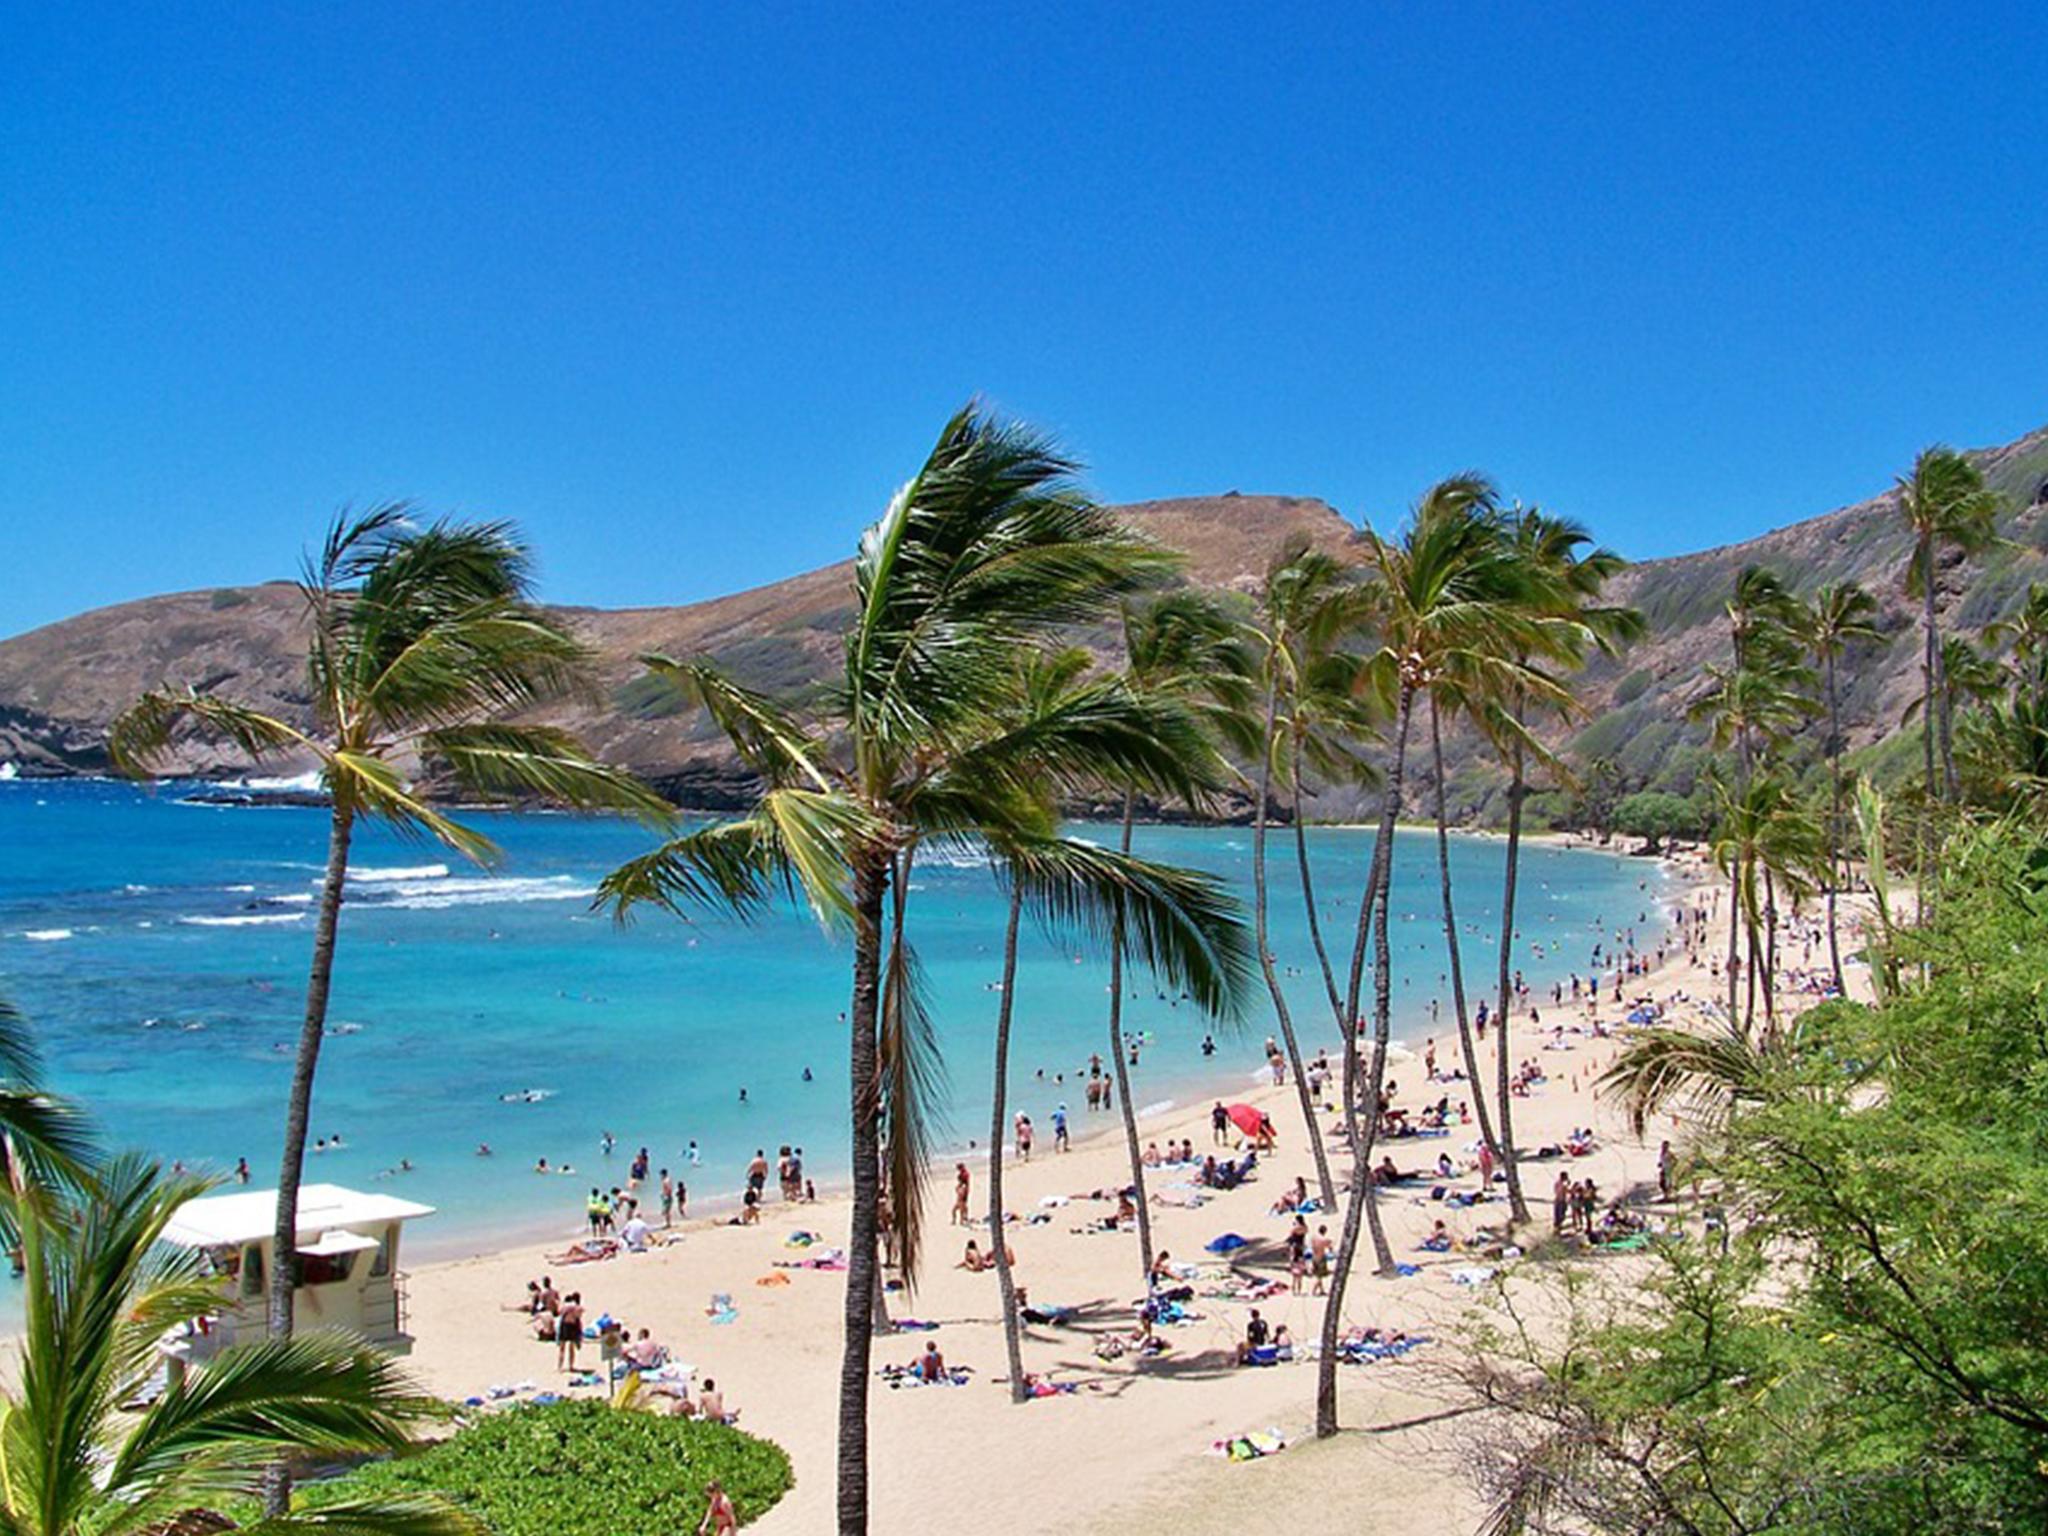 Havai Praia